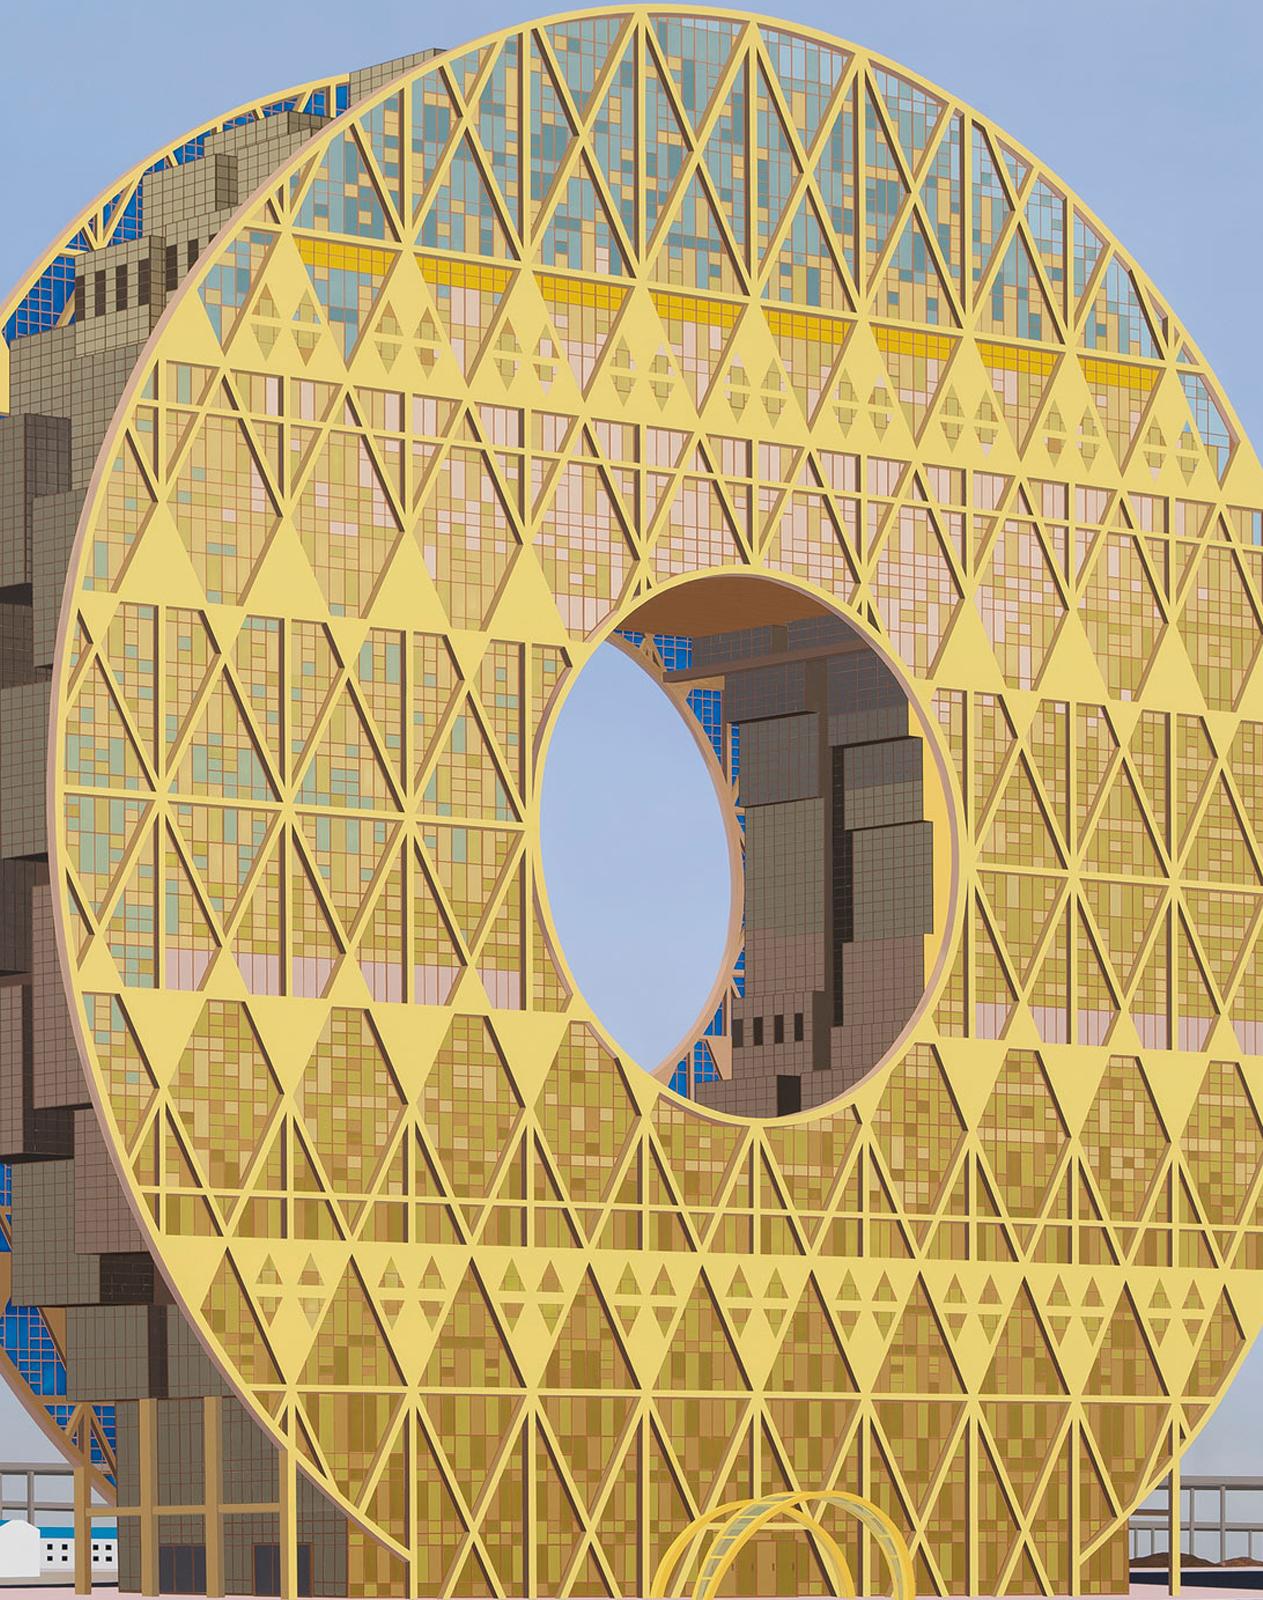 daniel-rich-architectural-paintings-mexico-design-revista-1